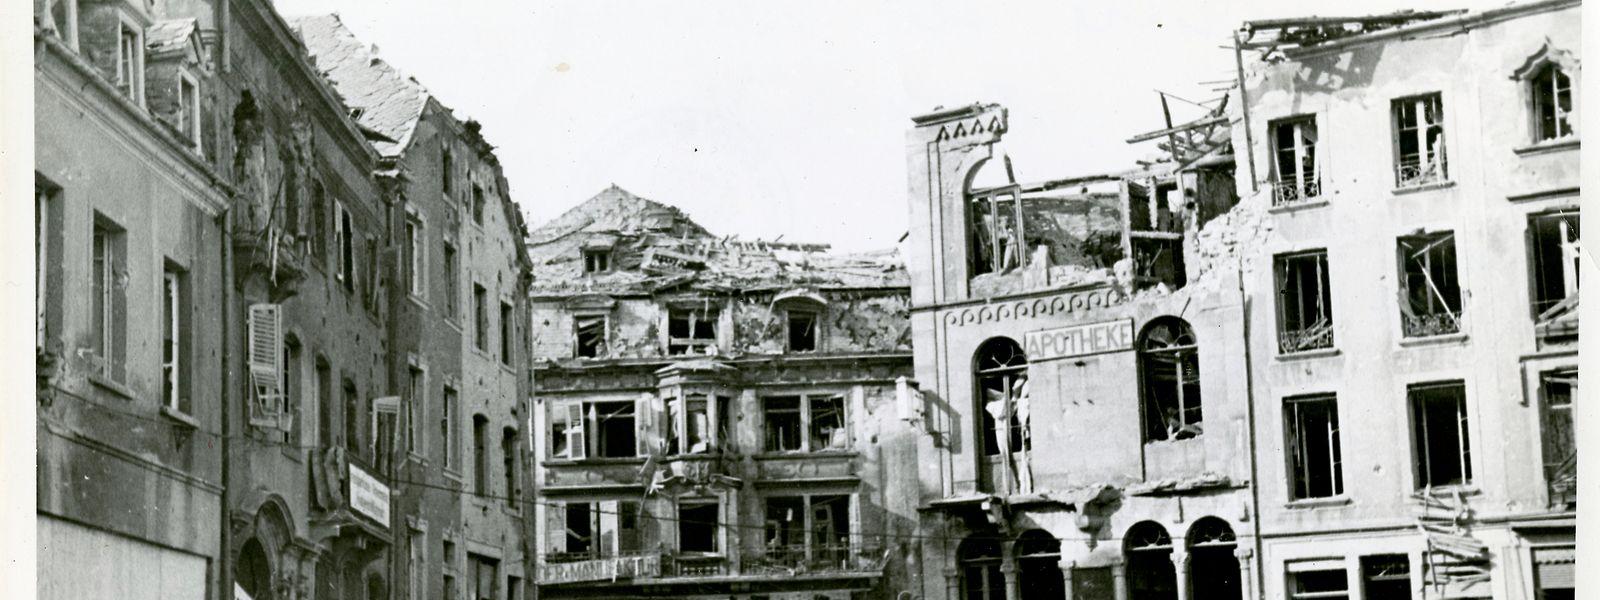 Als die Echternacher am 6. Oktober 1944 ihre Stadt verlassen mussten, hatten die Häuser bereits schwere Schäden erlitten, so z.B. die Apotheke Pensch.